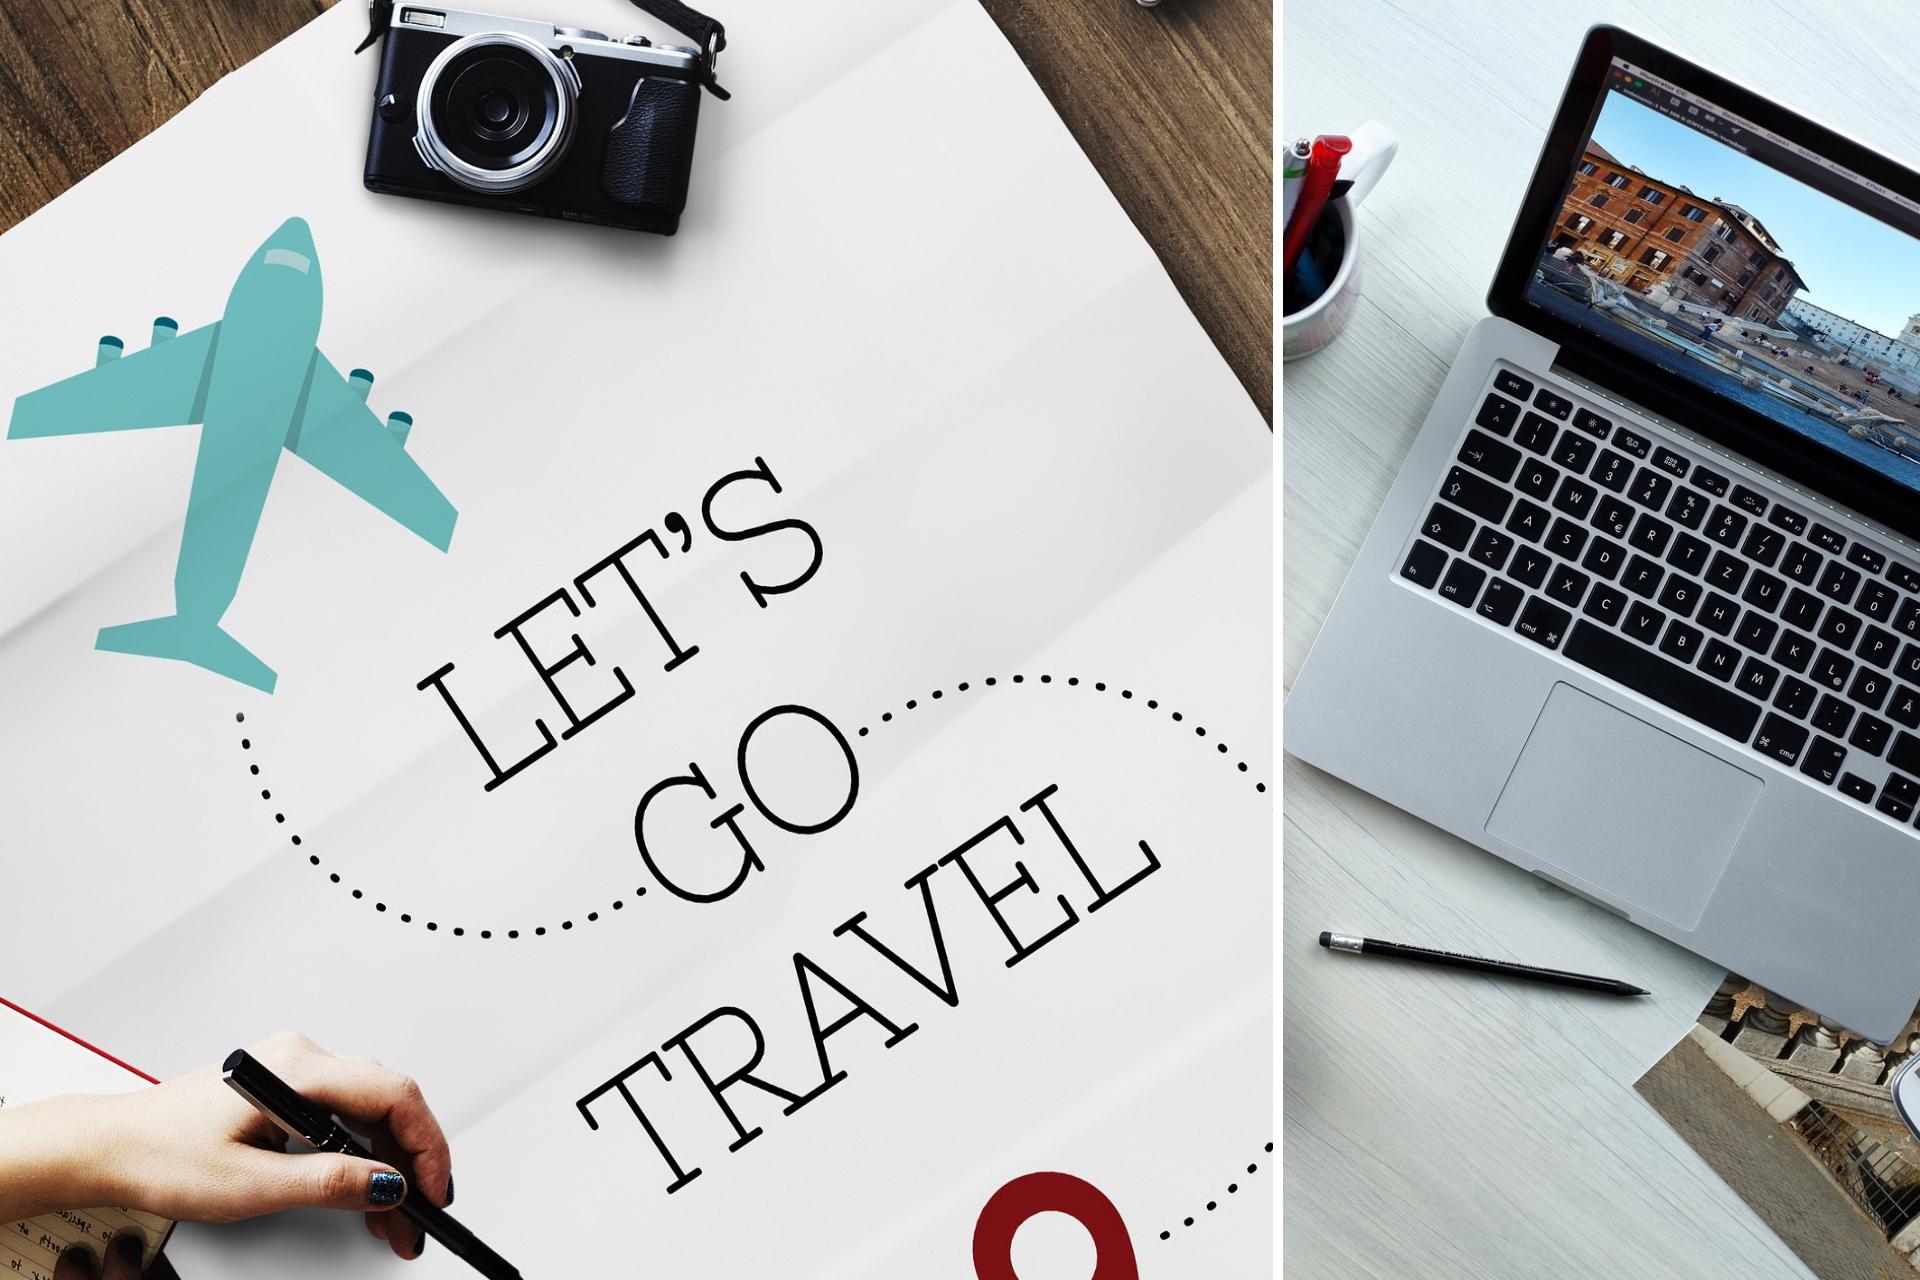 App Per Viaggiare: Guida Super Smart (con Istruzioni Per L'uso)